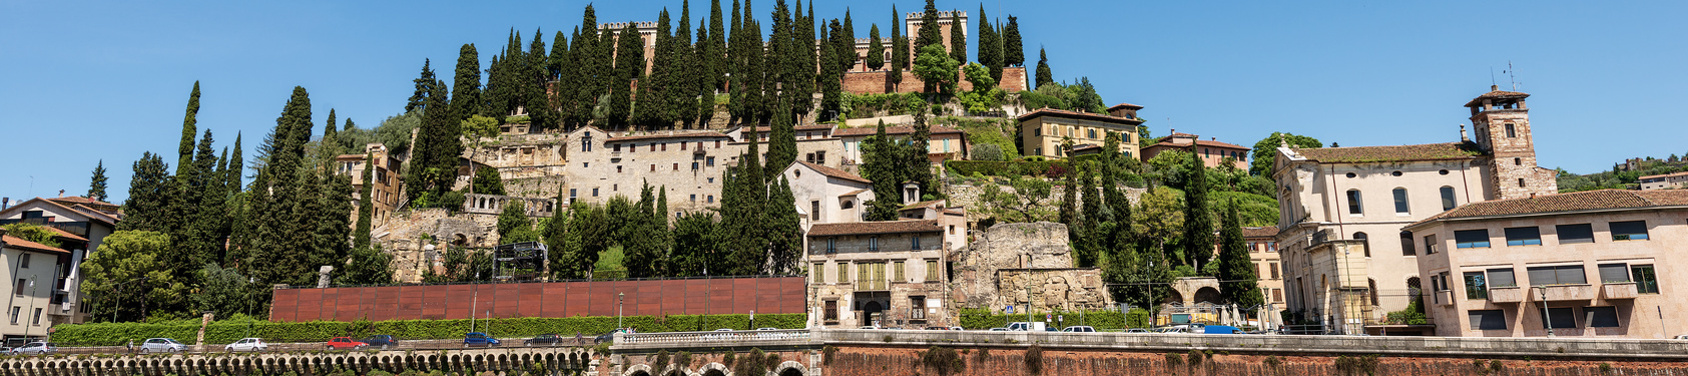 Bild von San Pietro